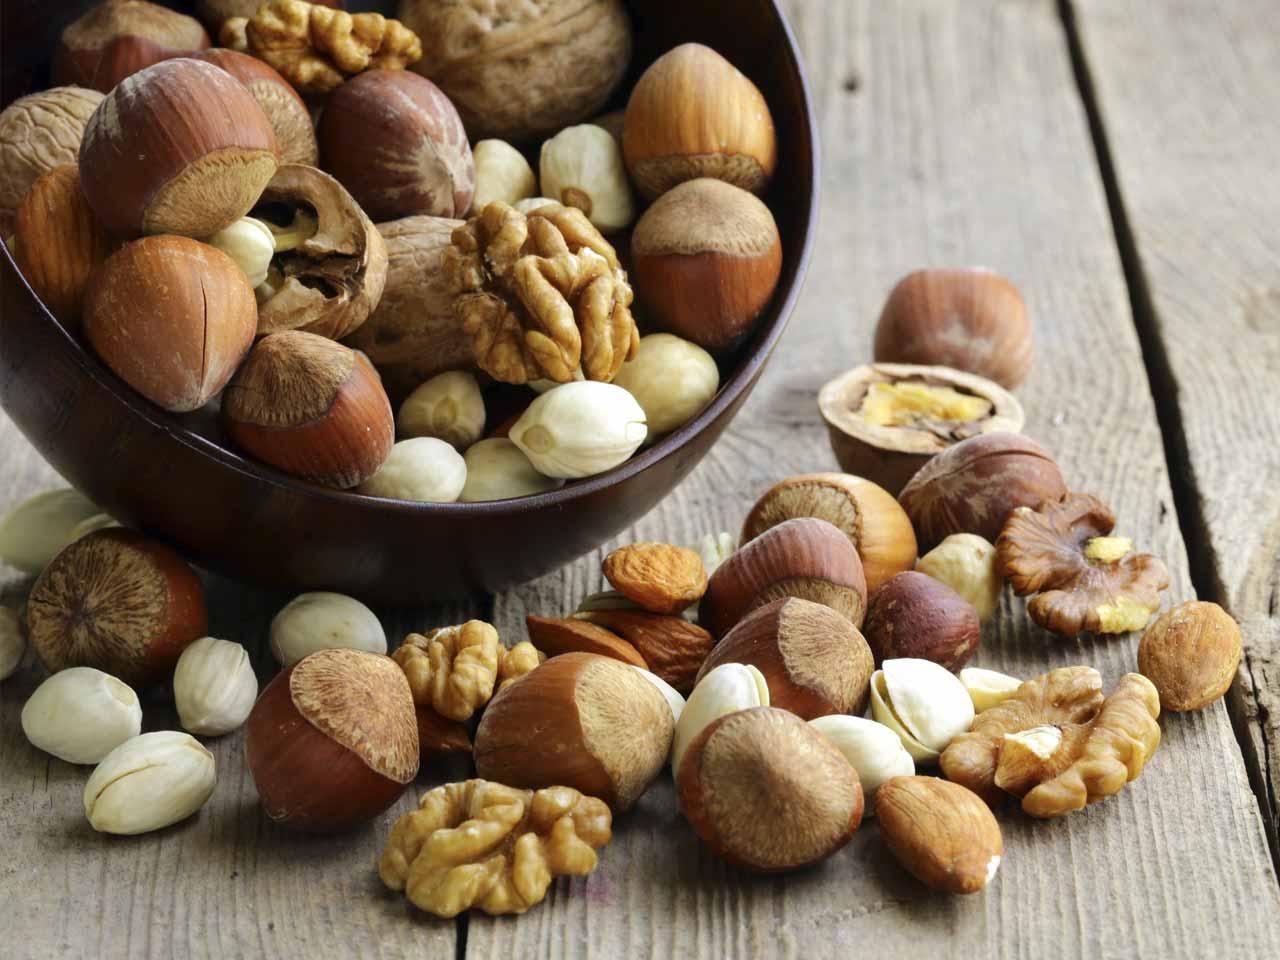 15 نصيحة علمية حول الصحة- أكل المكسرات